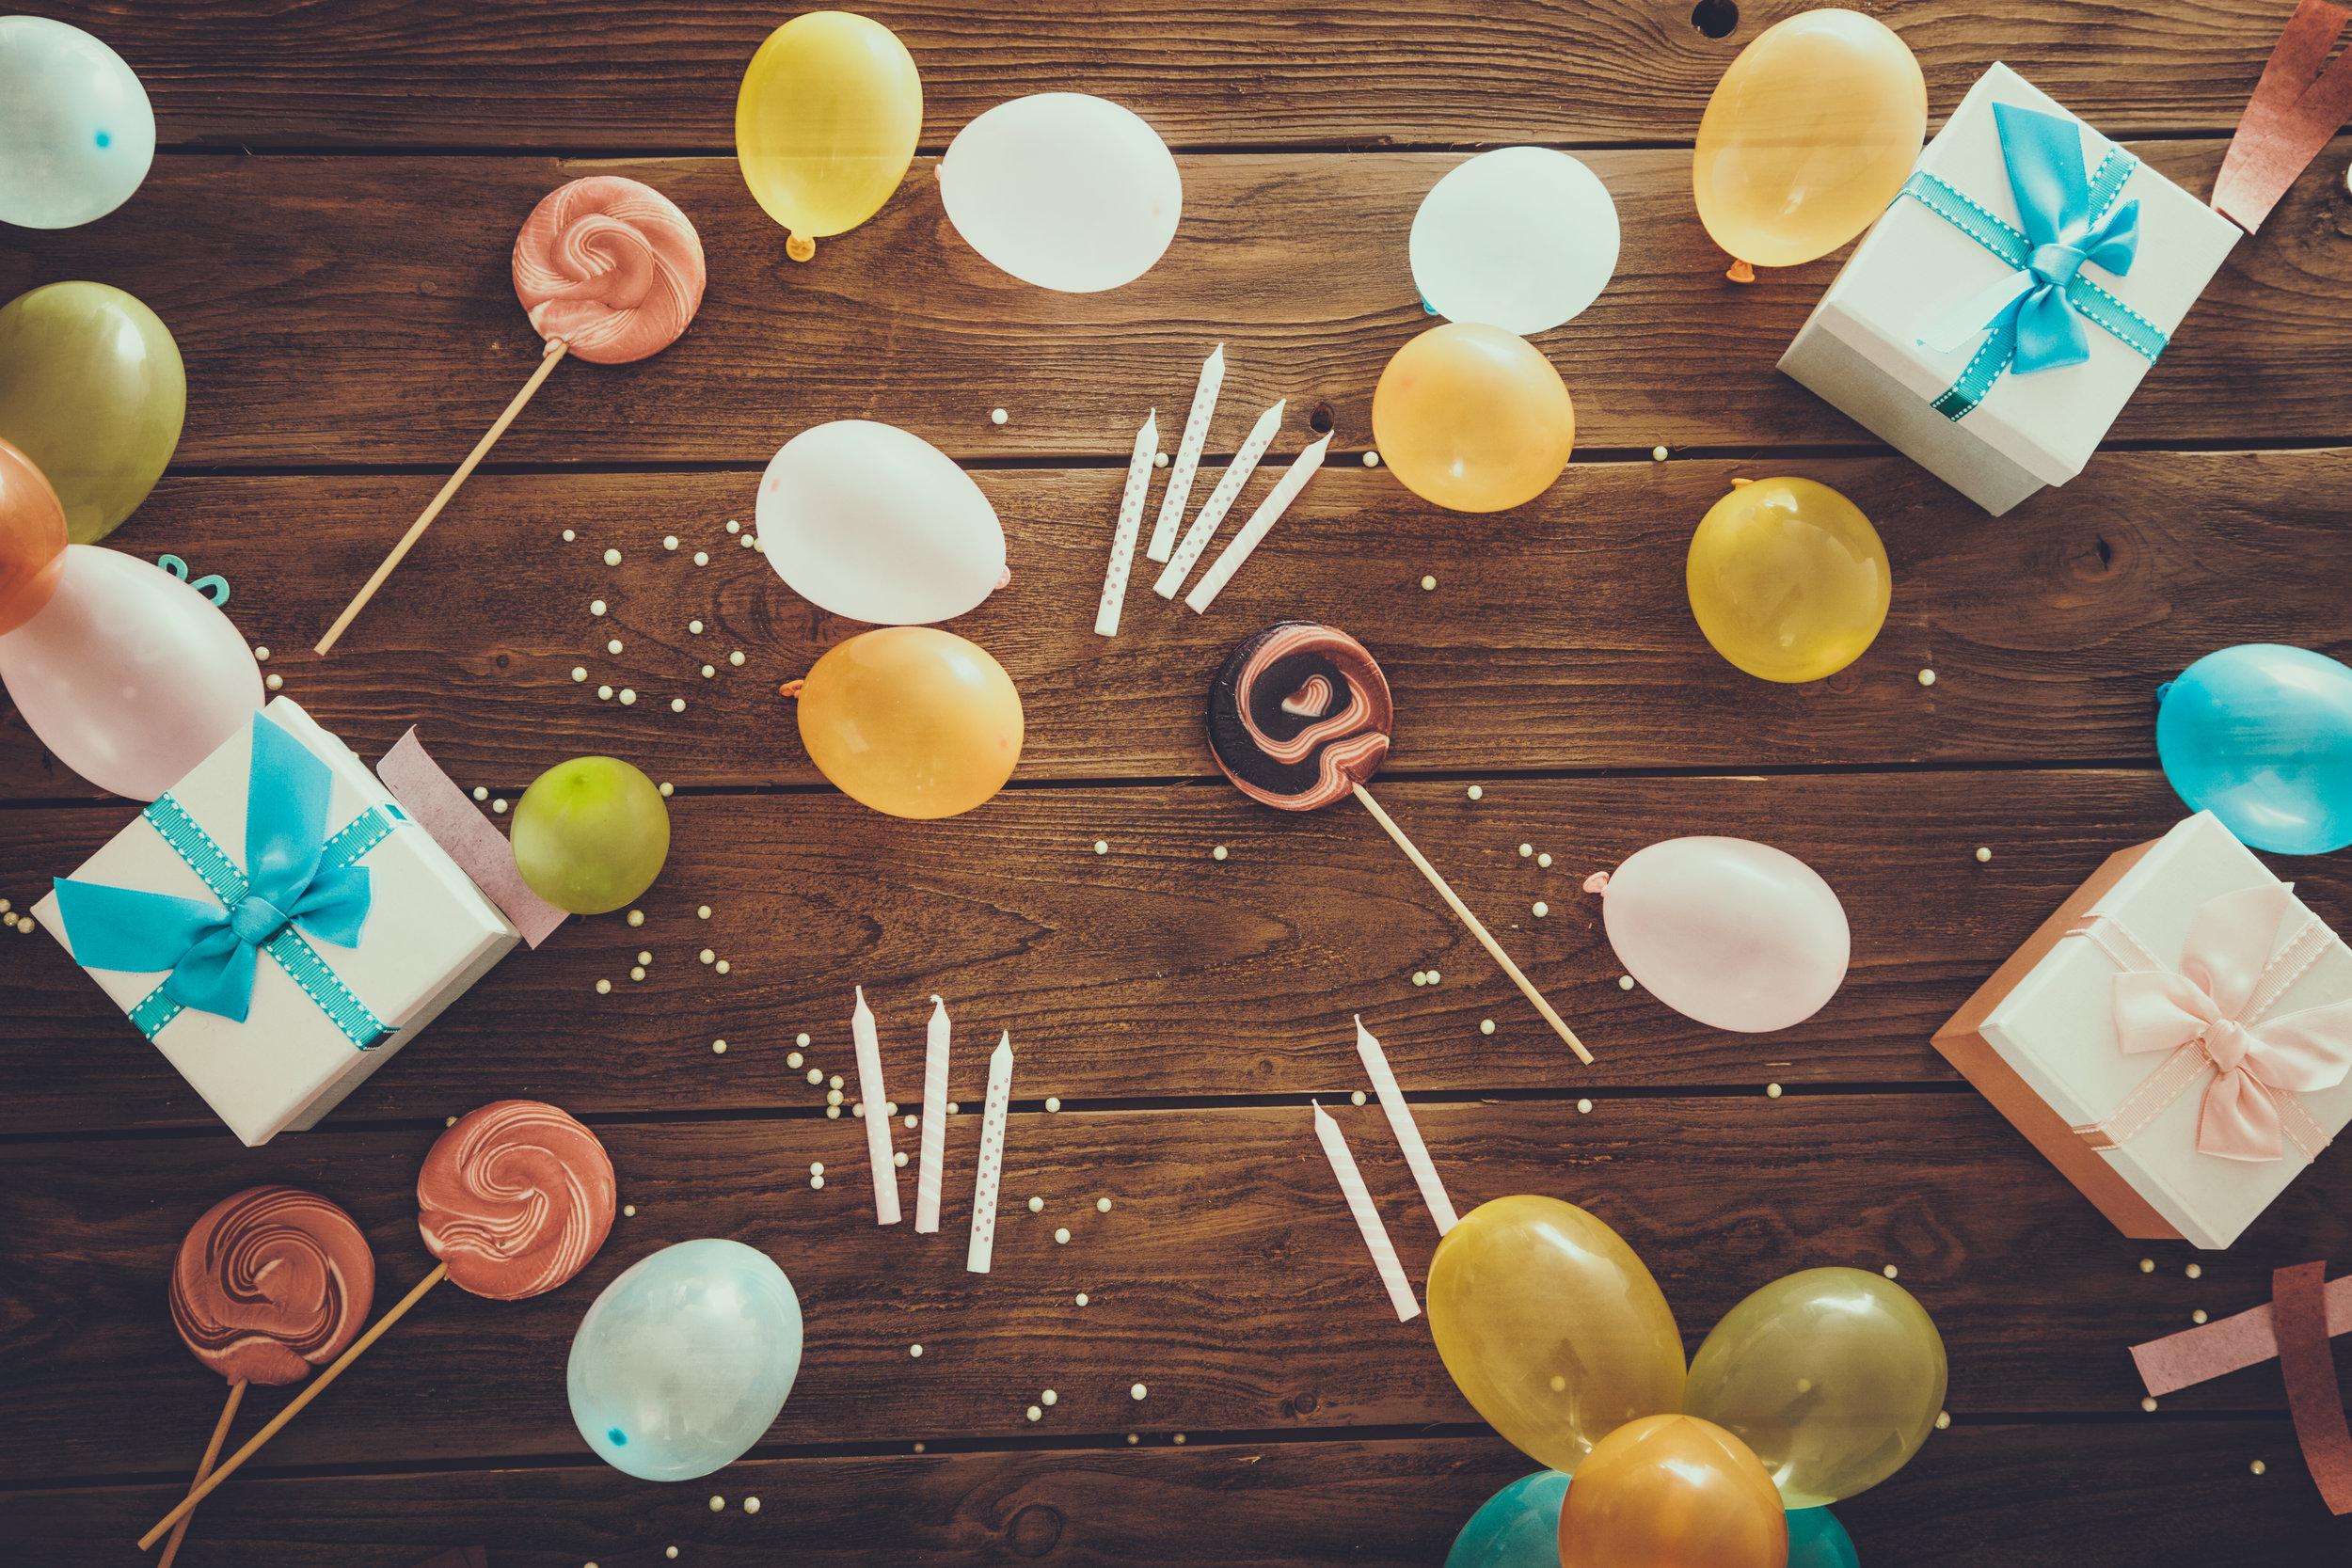 birthday-background-P62HNRM.jpg